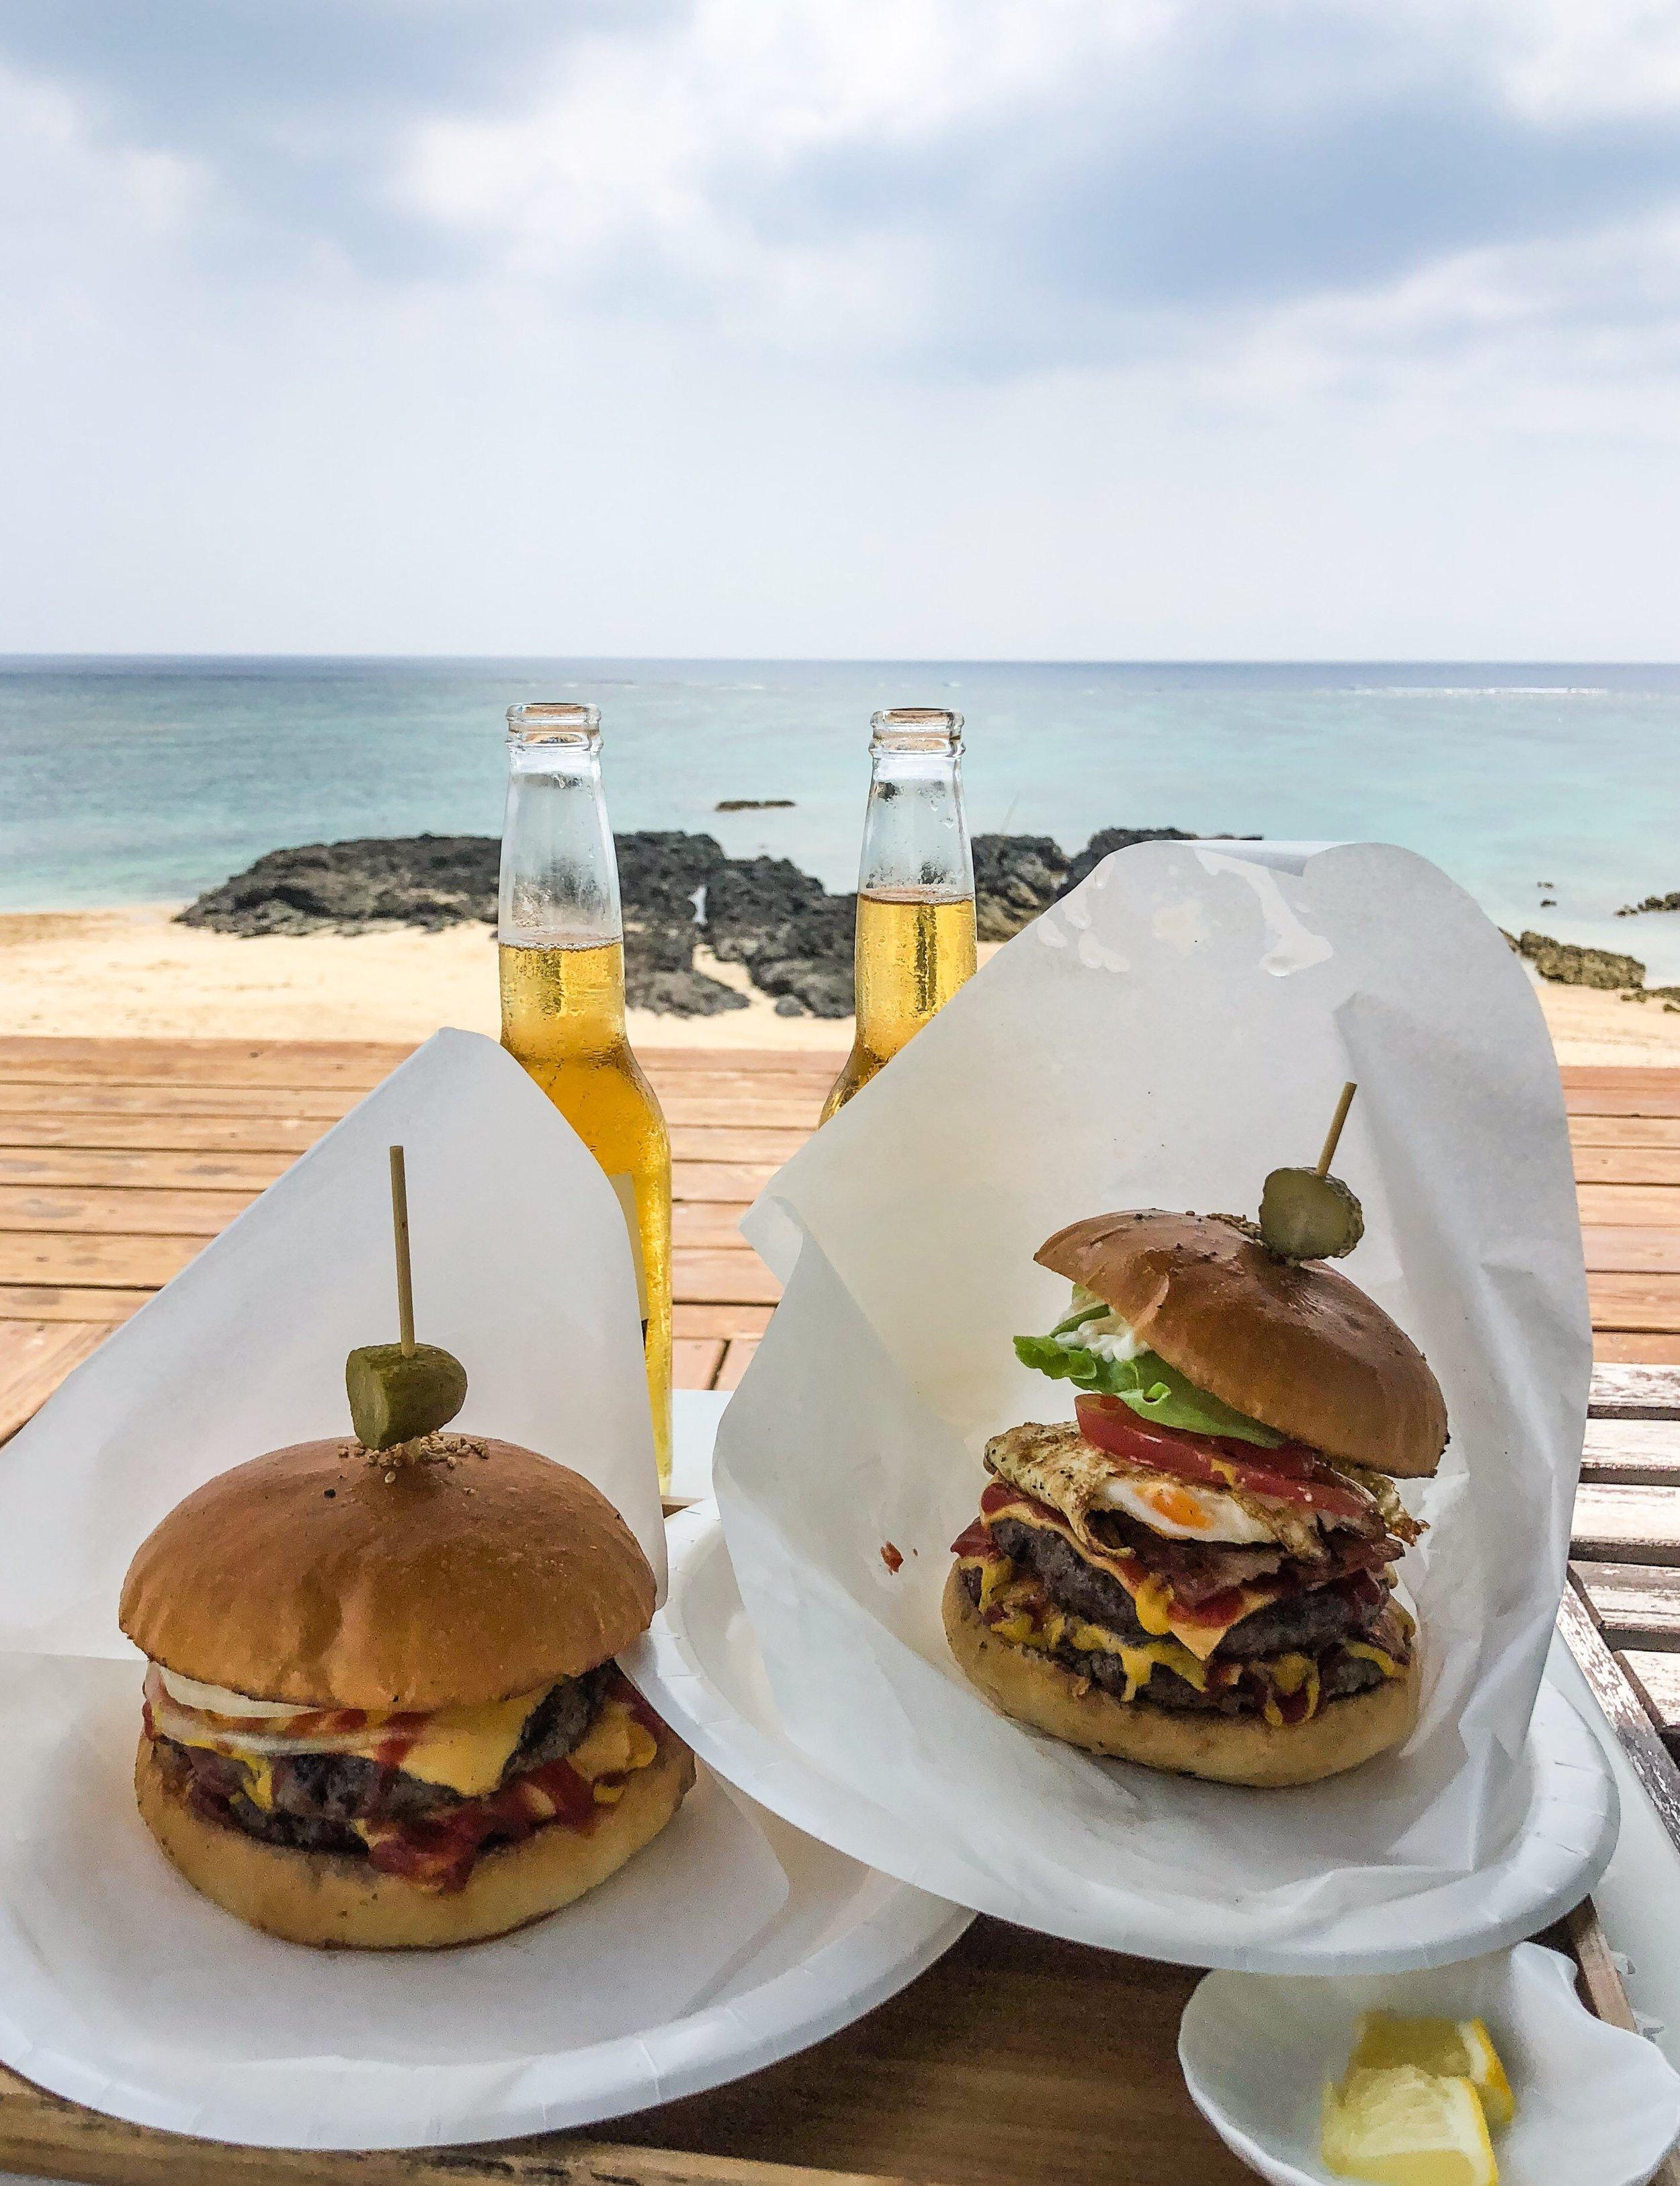 Burgers & Beer on Amami Island.